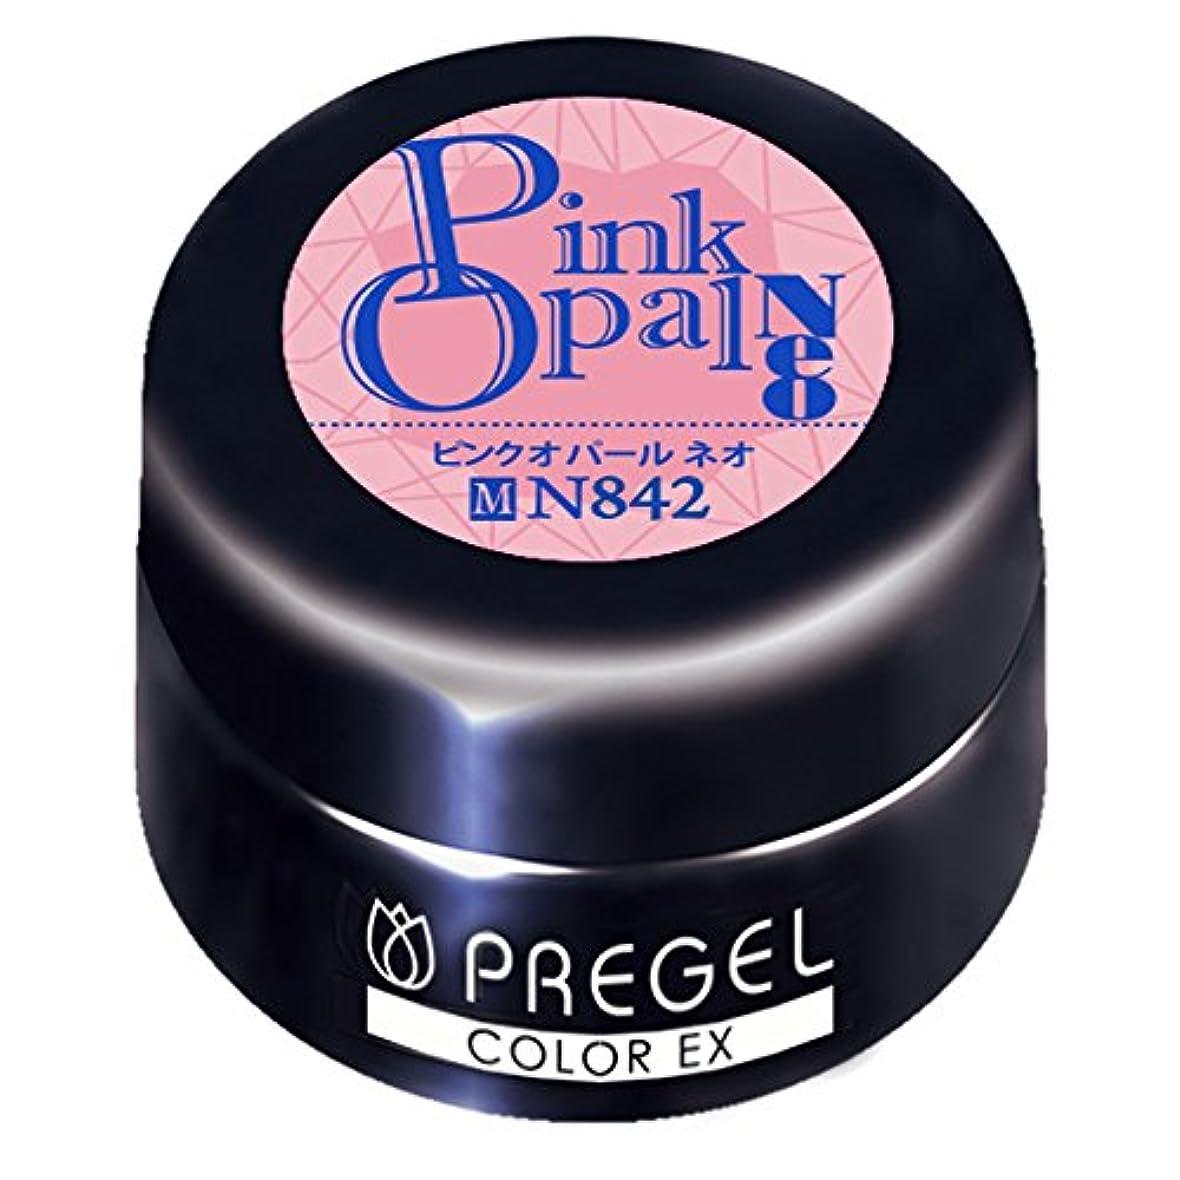 スリップ暫定の慣れるPRE GEL カラーEX ピンクオパールneo842 3g UV/LED対応